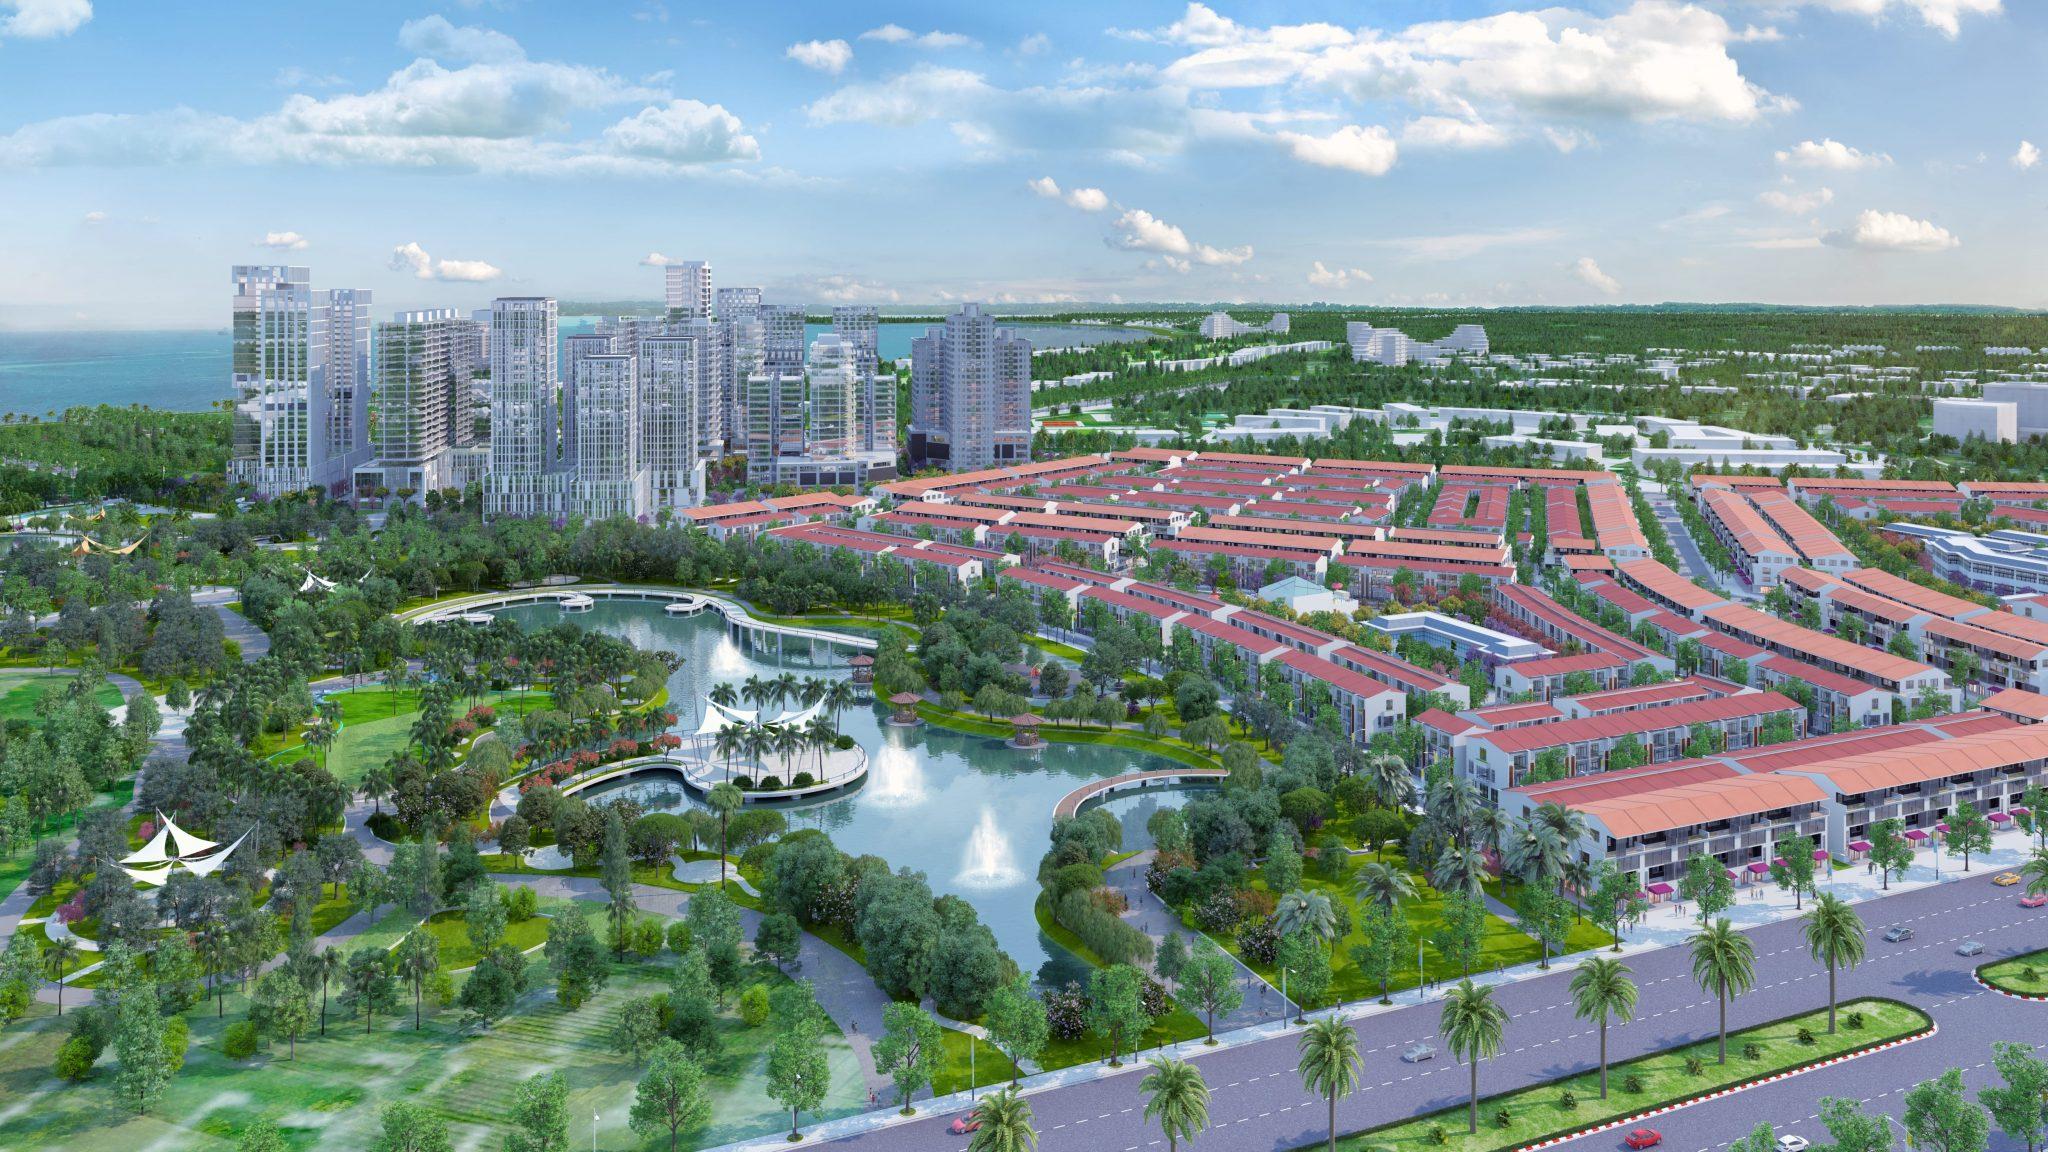 phoi canh view cong vien 5ha tai nhon hoi new city quy nhon - DỰ ÁN ĐẤT NỀN NHƠN HỘI NEW CITY QUY NHƠN, TỈNH BÌNH ĐỊNH